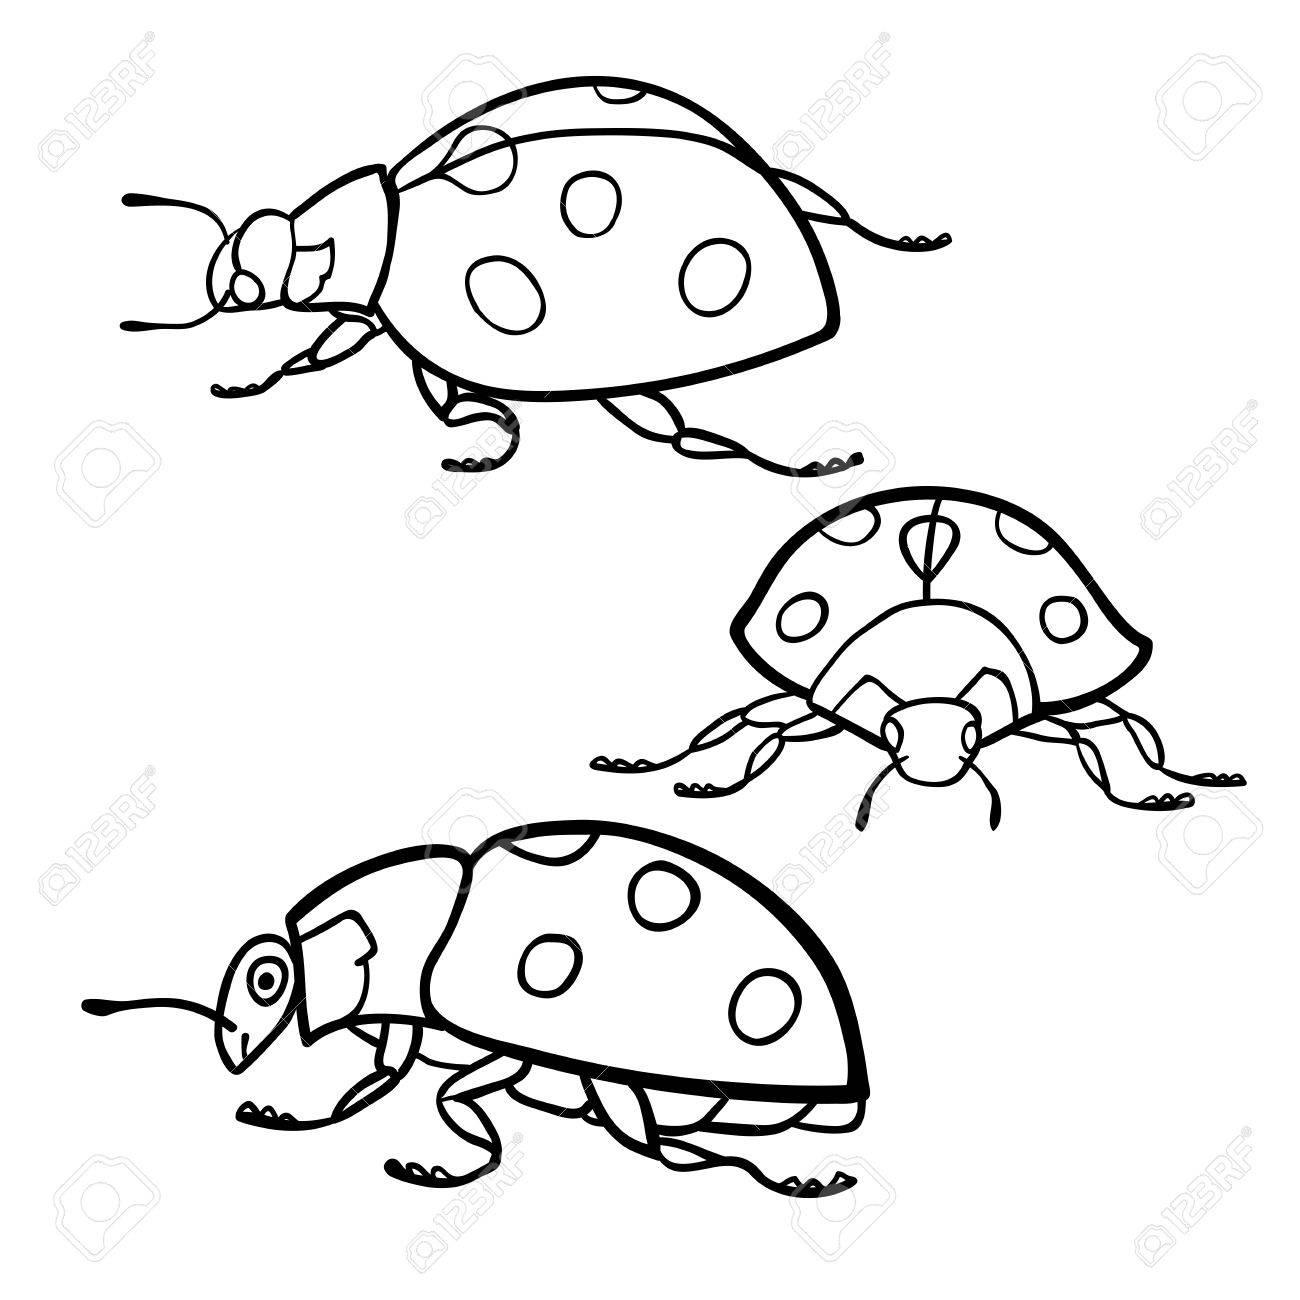 塗り絵 てんとう虫セットのイラスト素材ベクタ Image 56046301